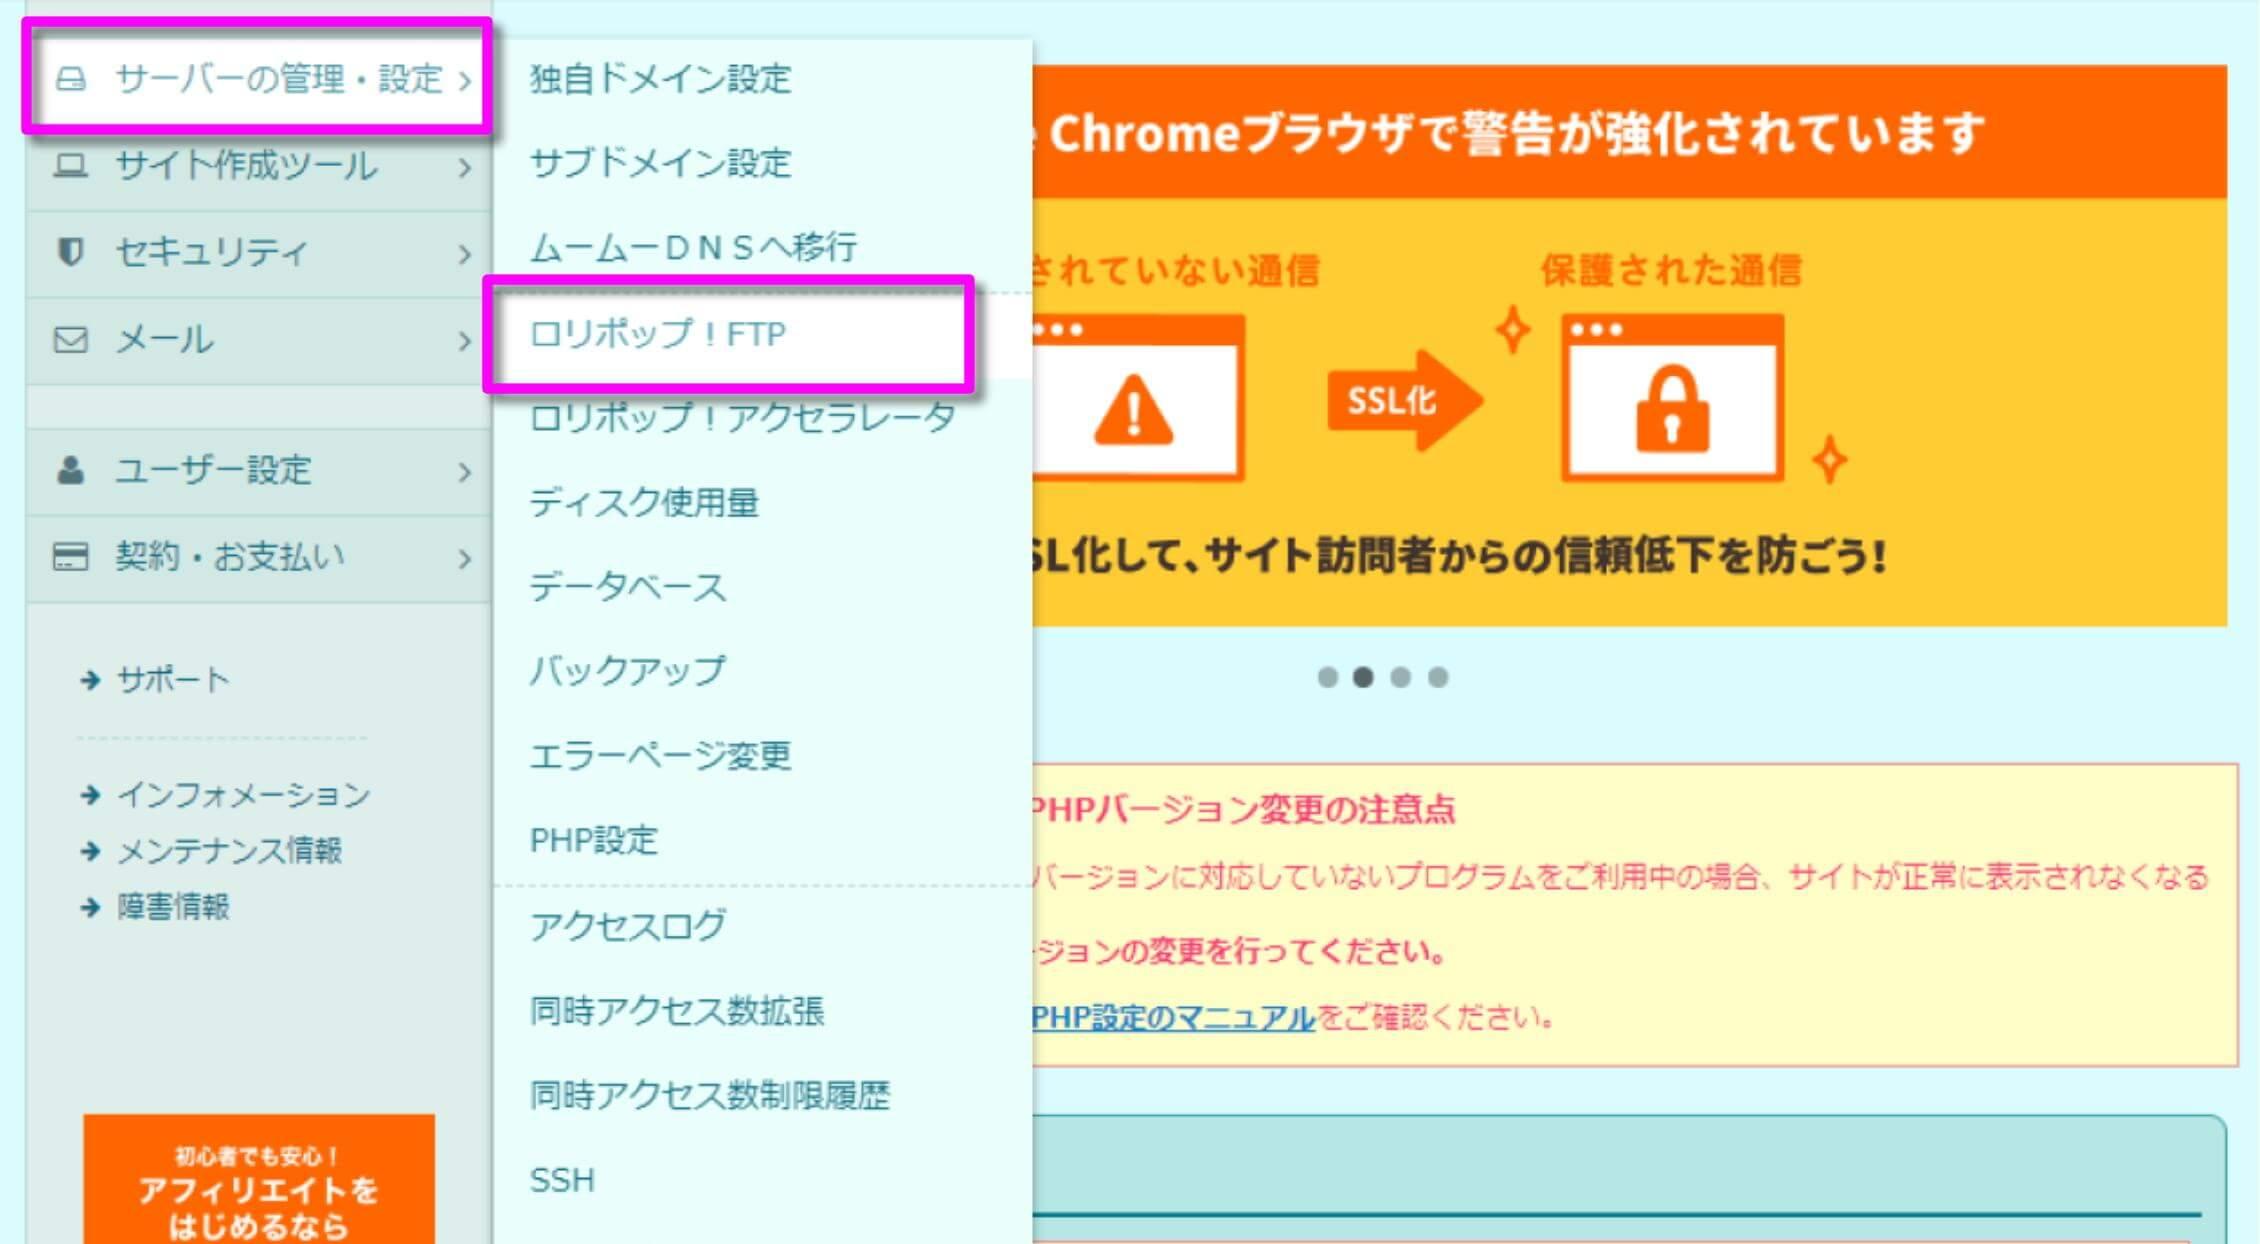 ロリポップFTPへのアクセス方法